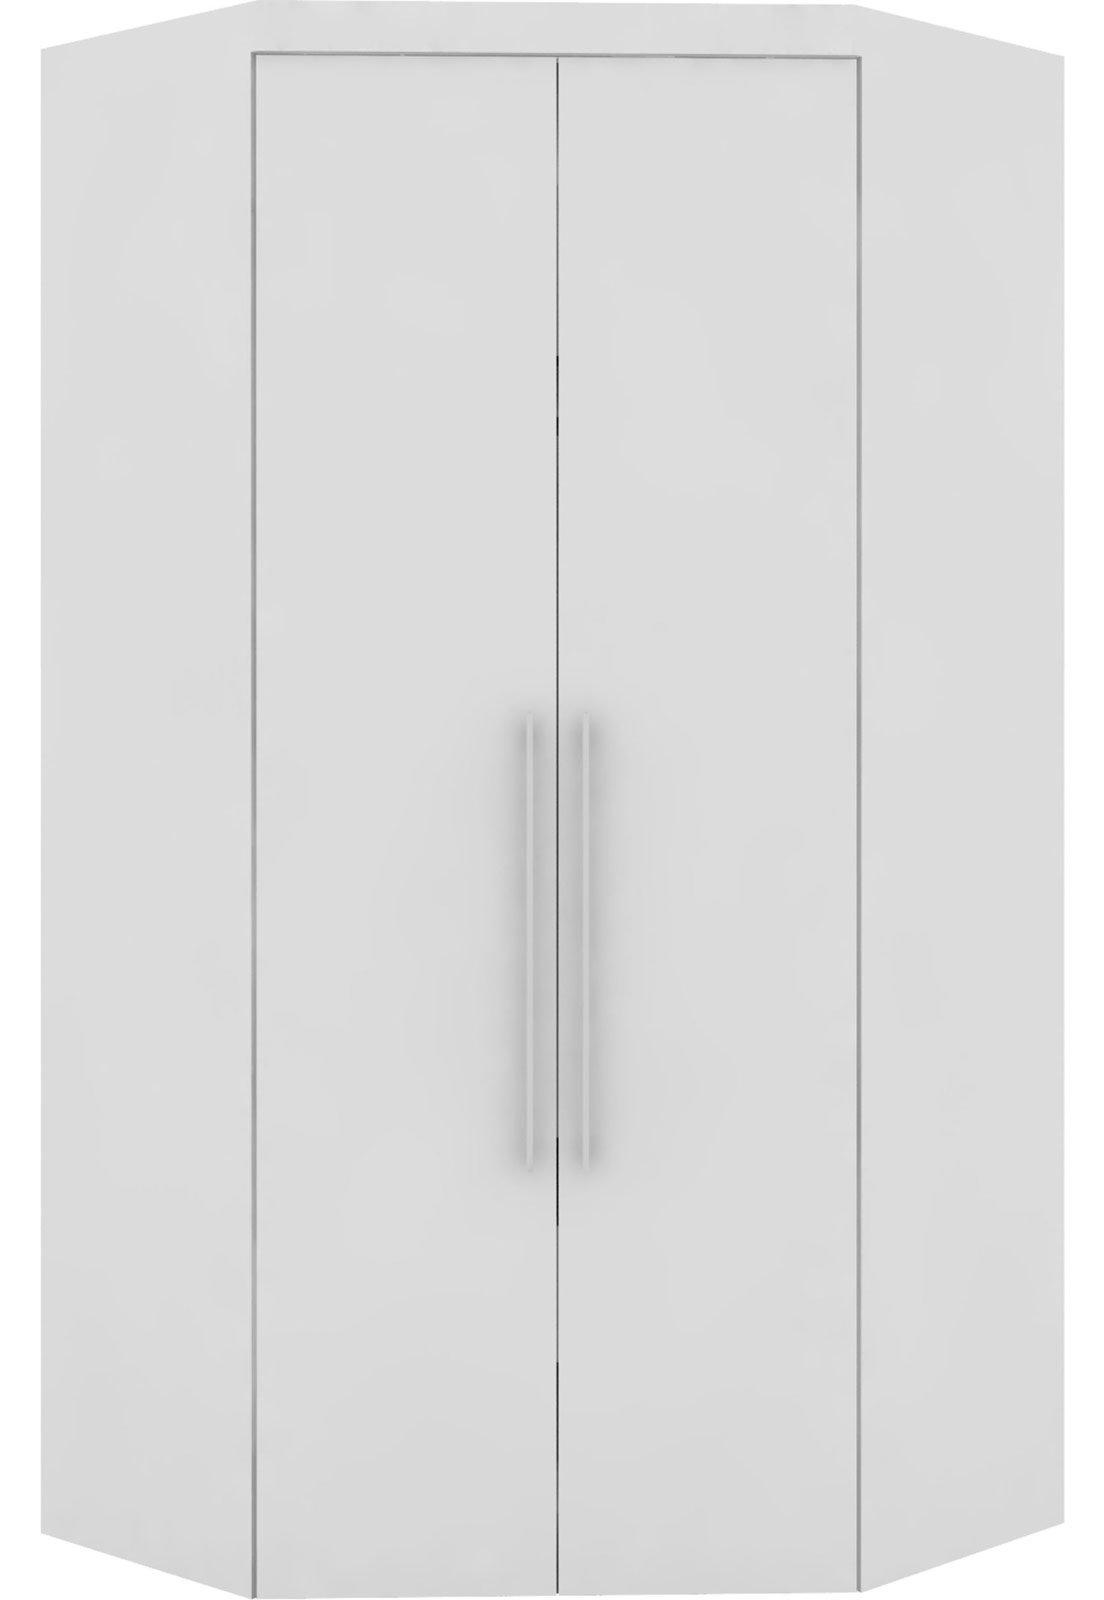 Guarda Roupa Canto Closet Virtual 2 Portas S Espelho Com Gavetas Branco Robel Compre Agora Dafiti Brasil